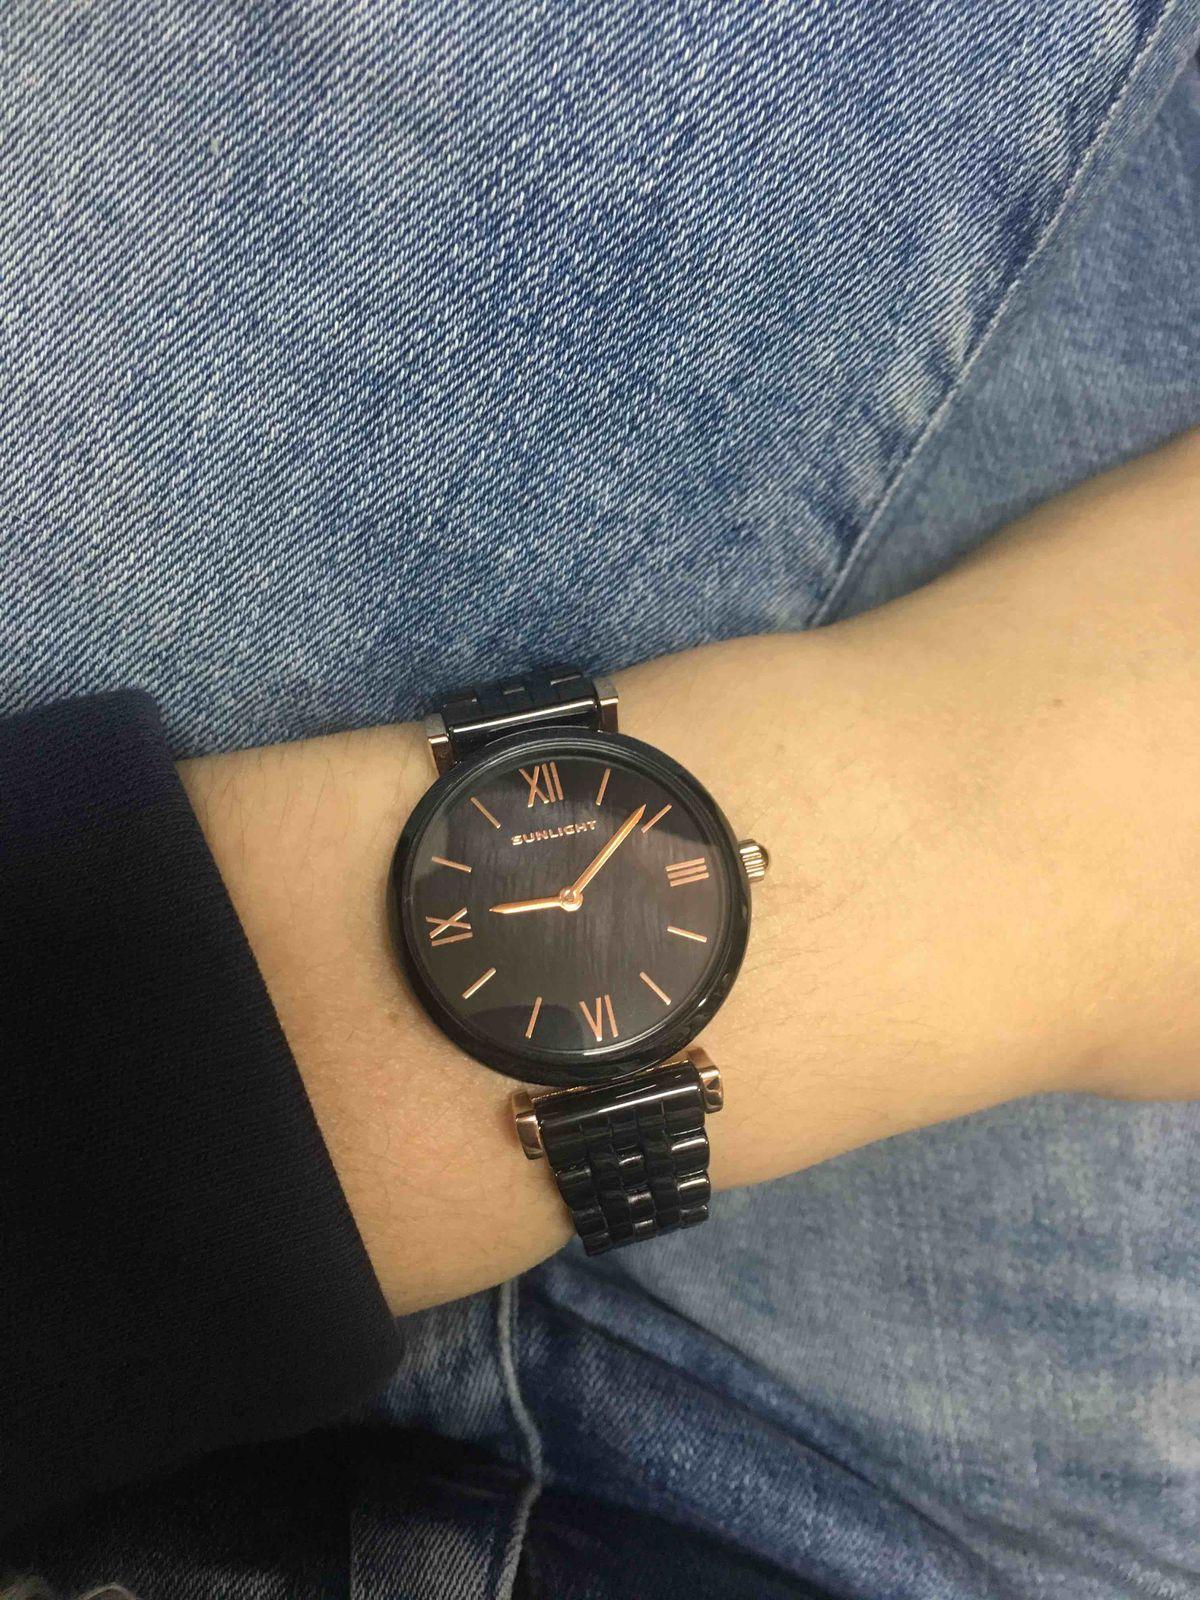 Кварцевые часы выполненные в черном цвете